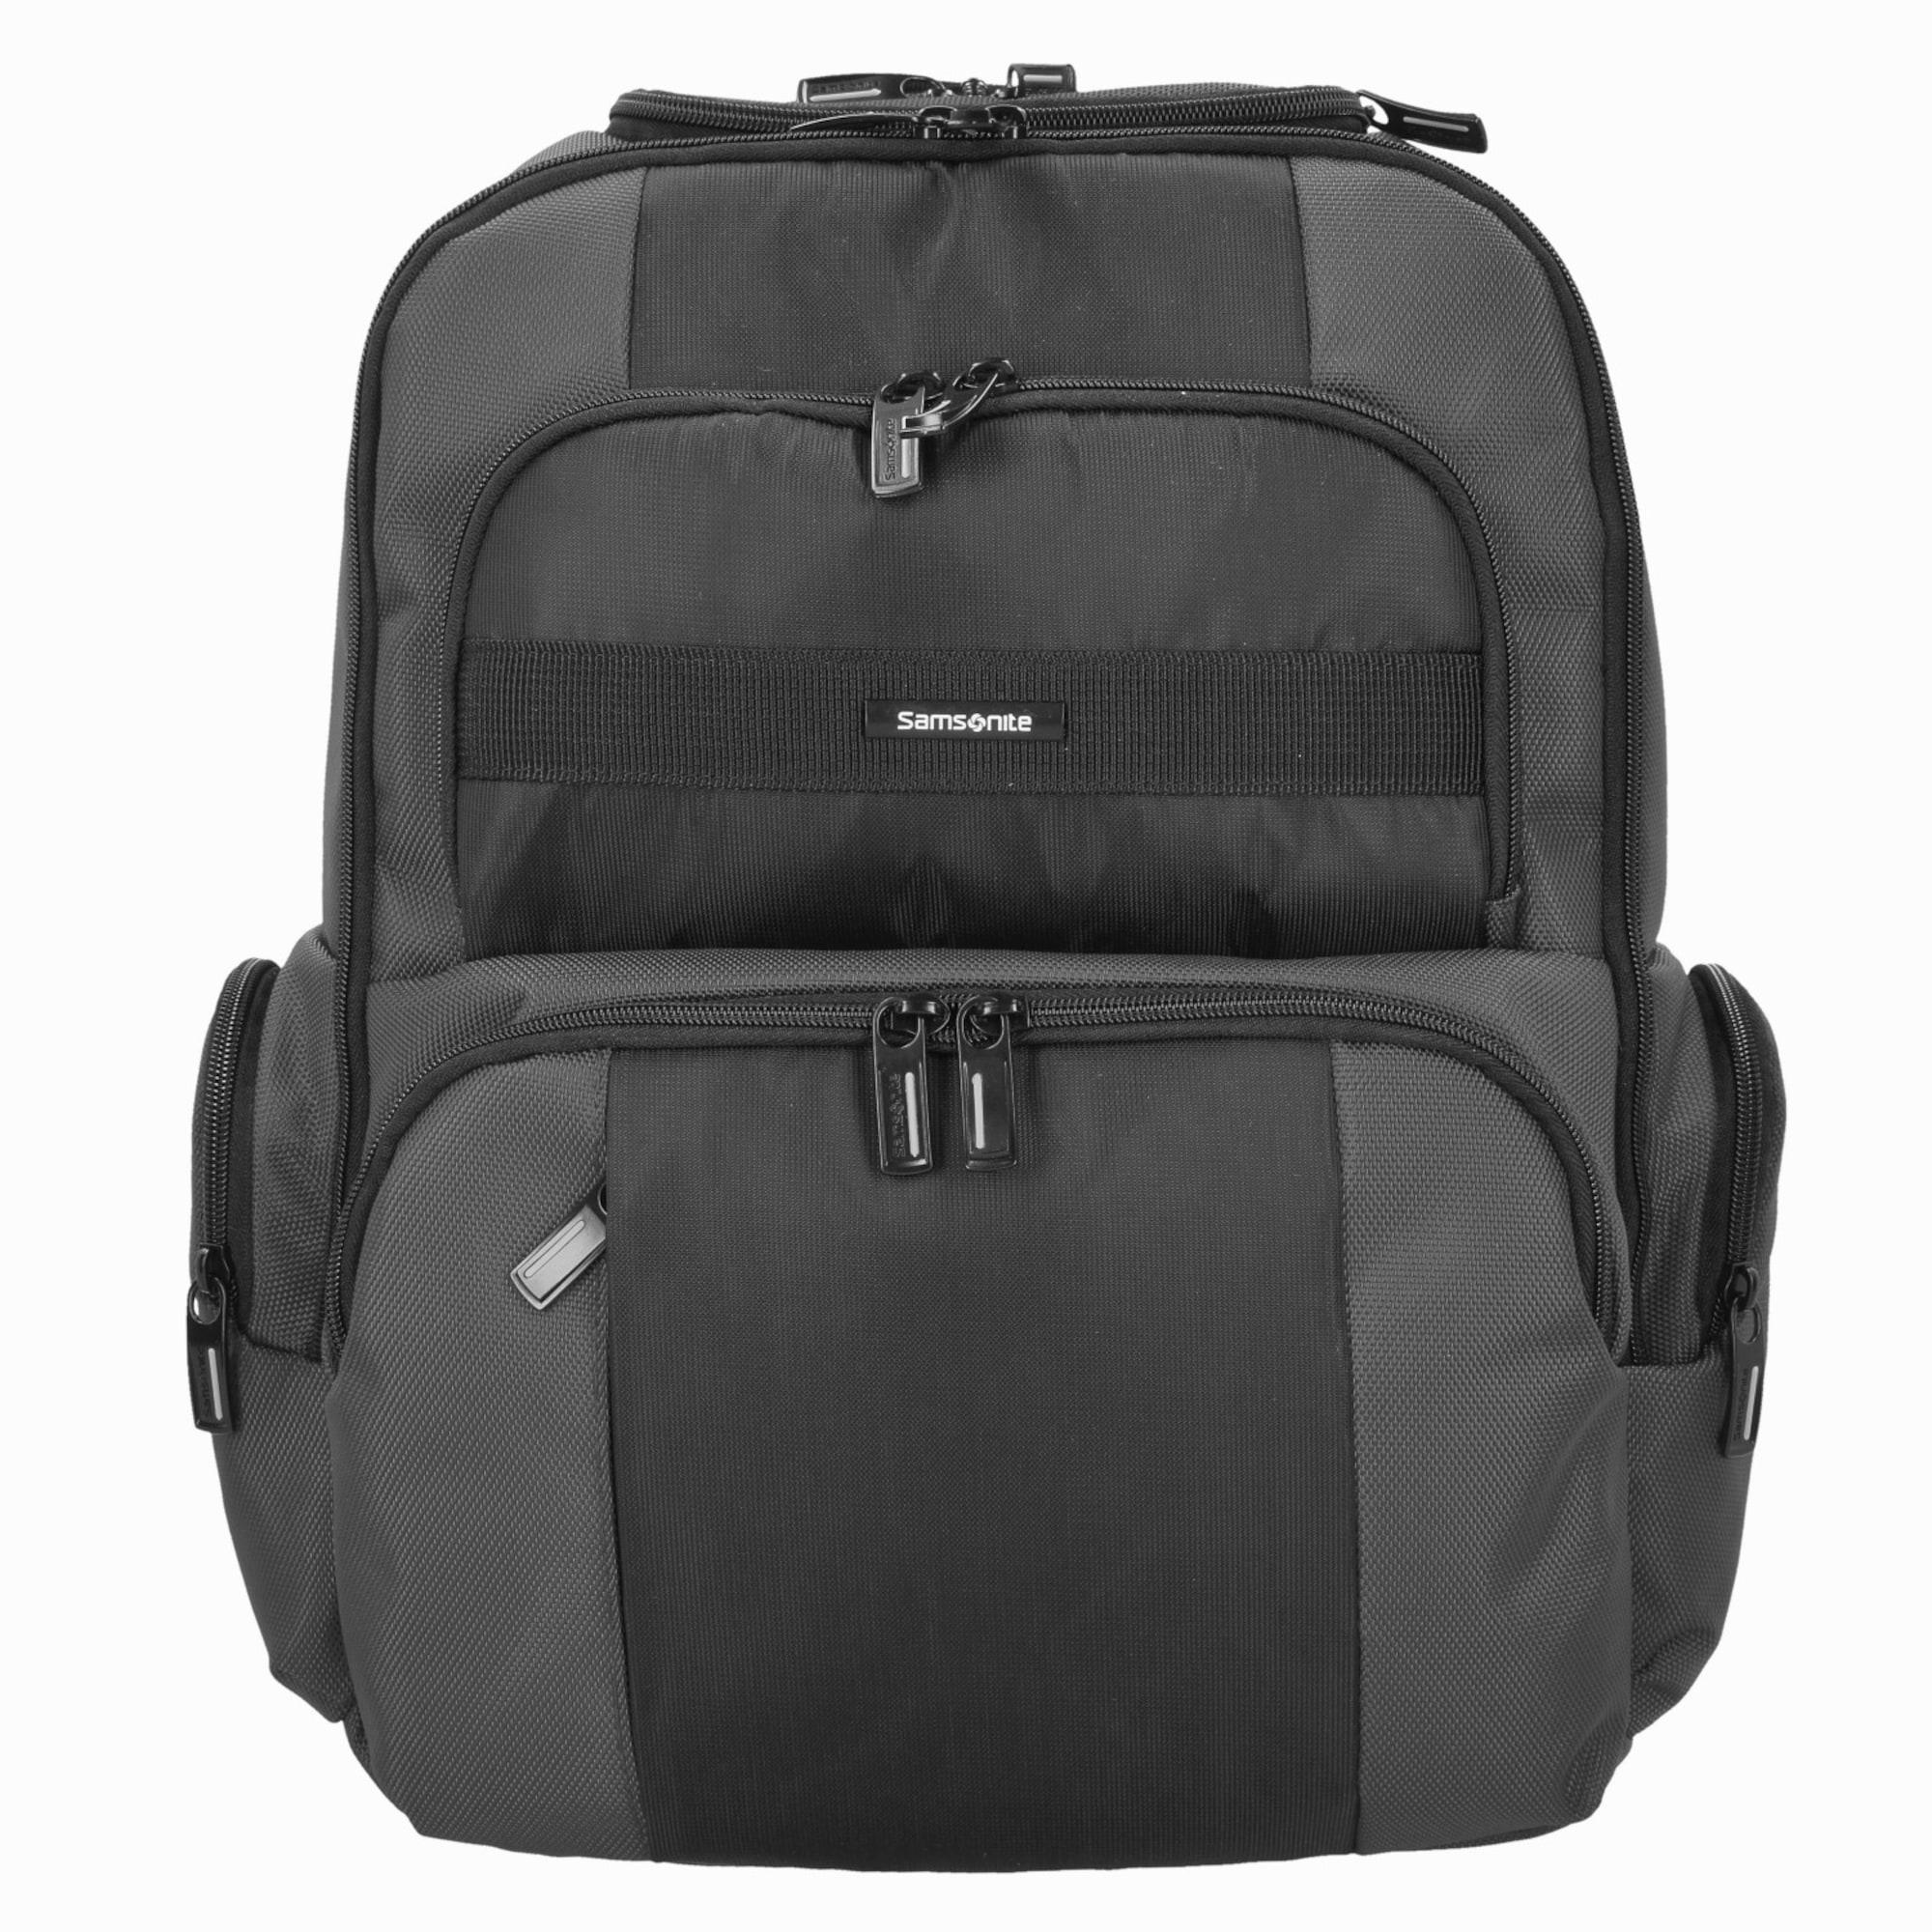 Infinipak Business Rucksack 44 cm Laptopfach | Taschen > Businesstaschen | Schwarz | Samsonite